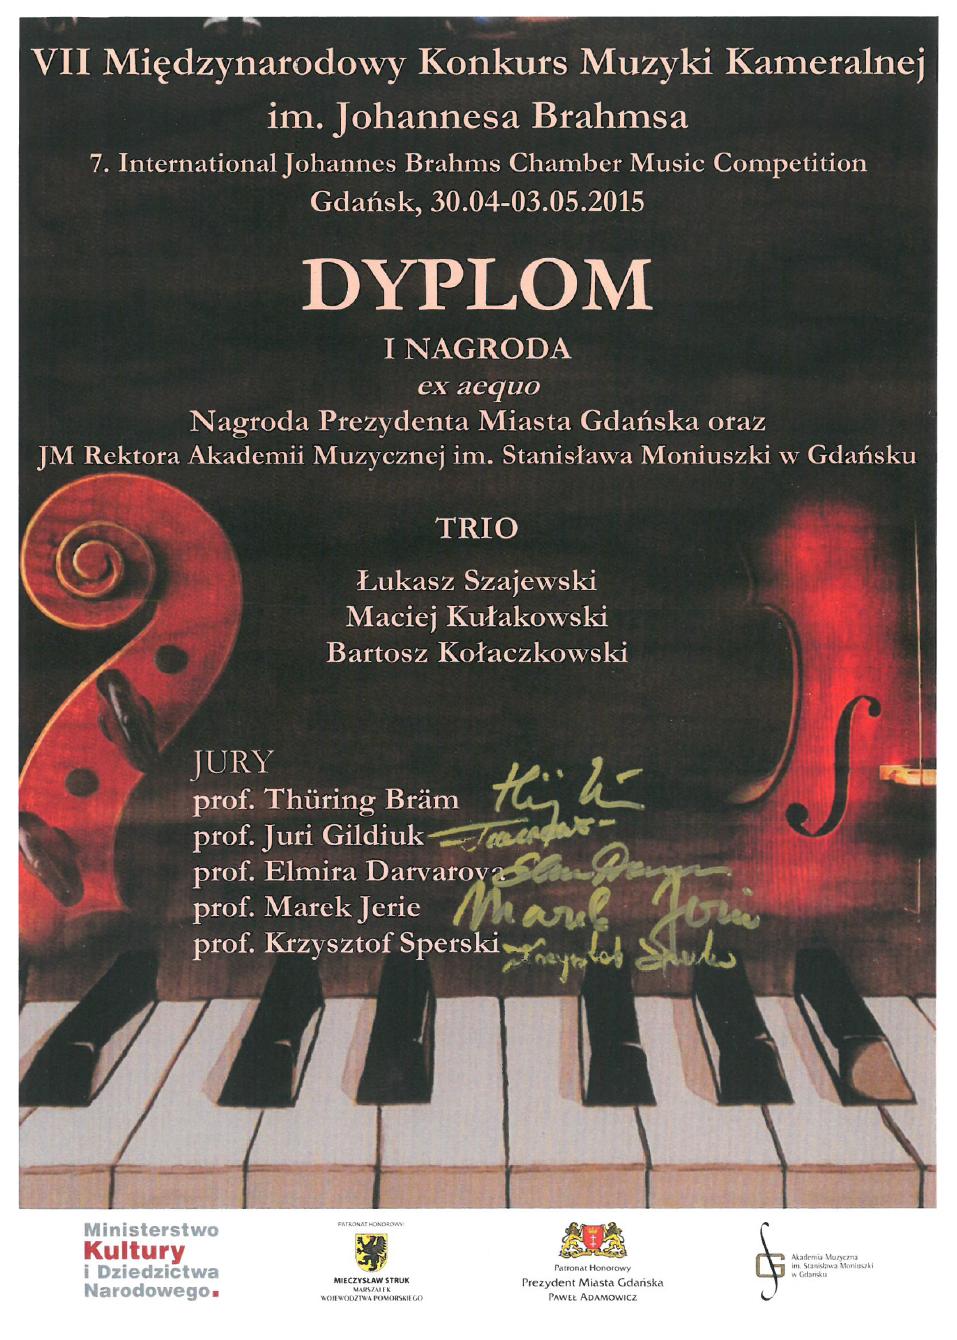 Trio_Szajewski_Kolaczkowski_Kulakowski